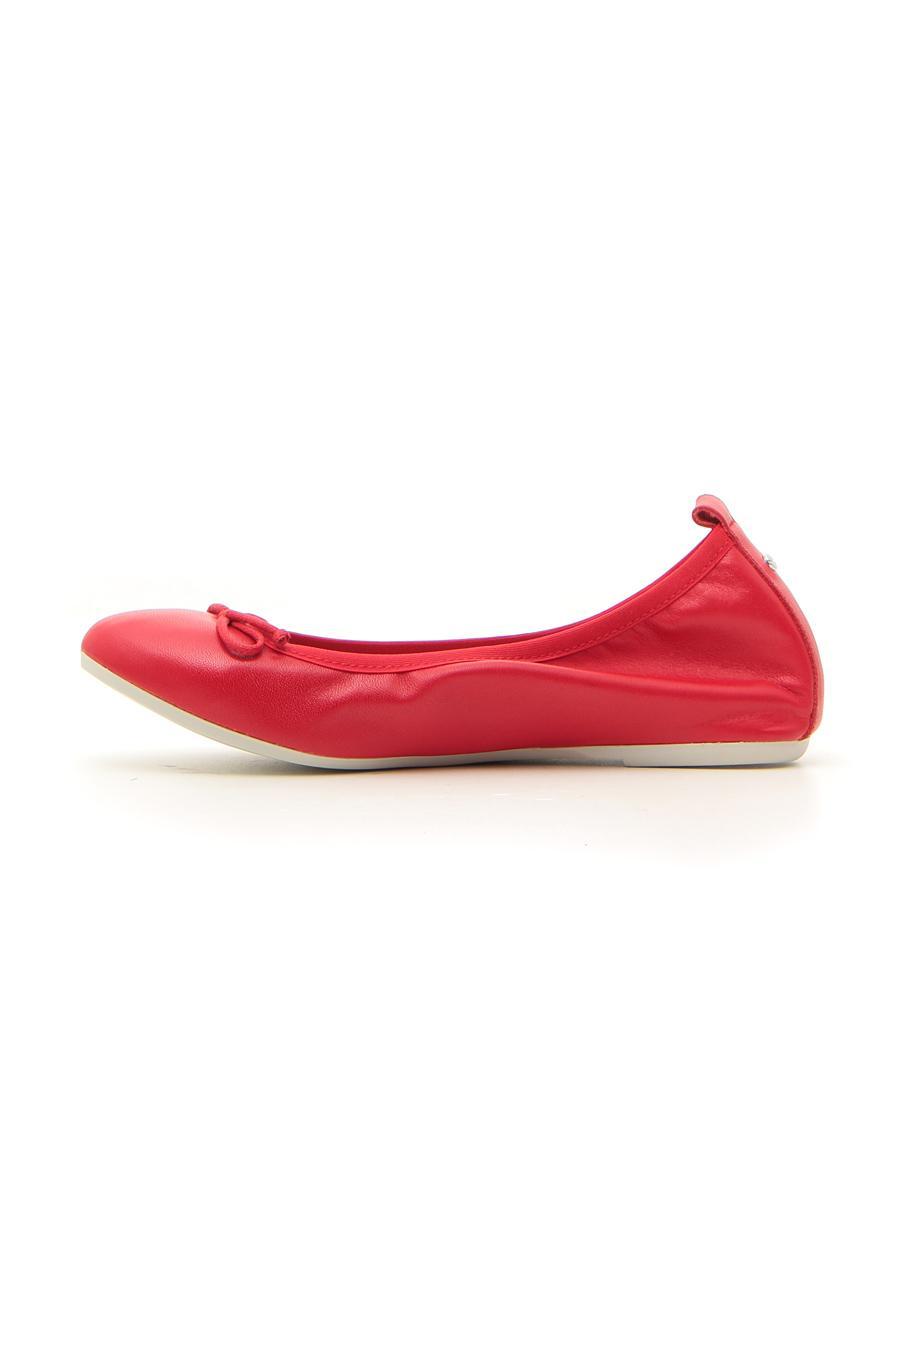 BALLERINE MIO TEMPO 2067 donna rosso | Pittarello